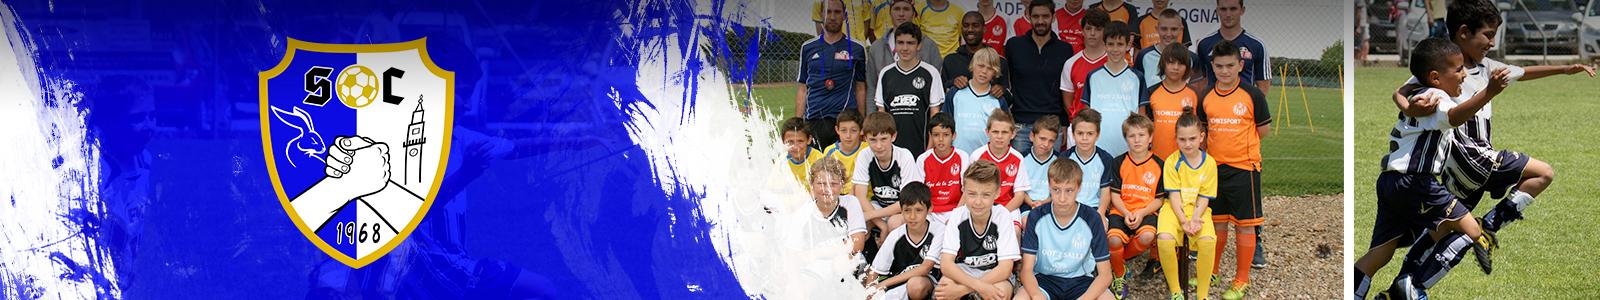 Stade Olympique Codognan : site officiel du club de foot de CODOGNAN - footeo